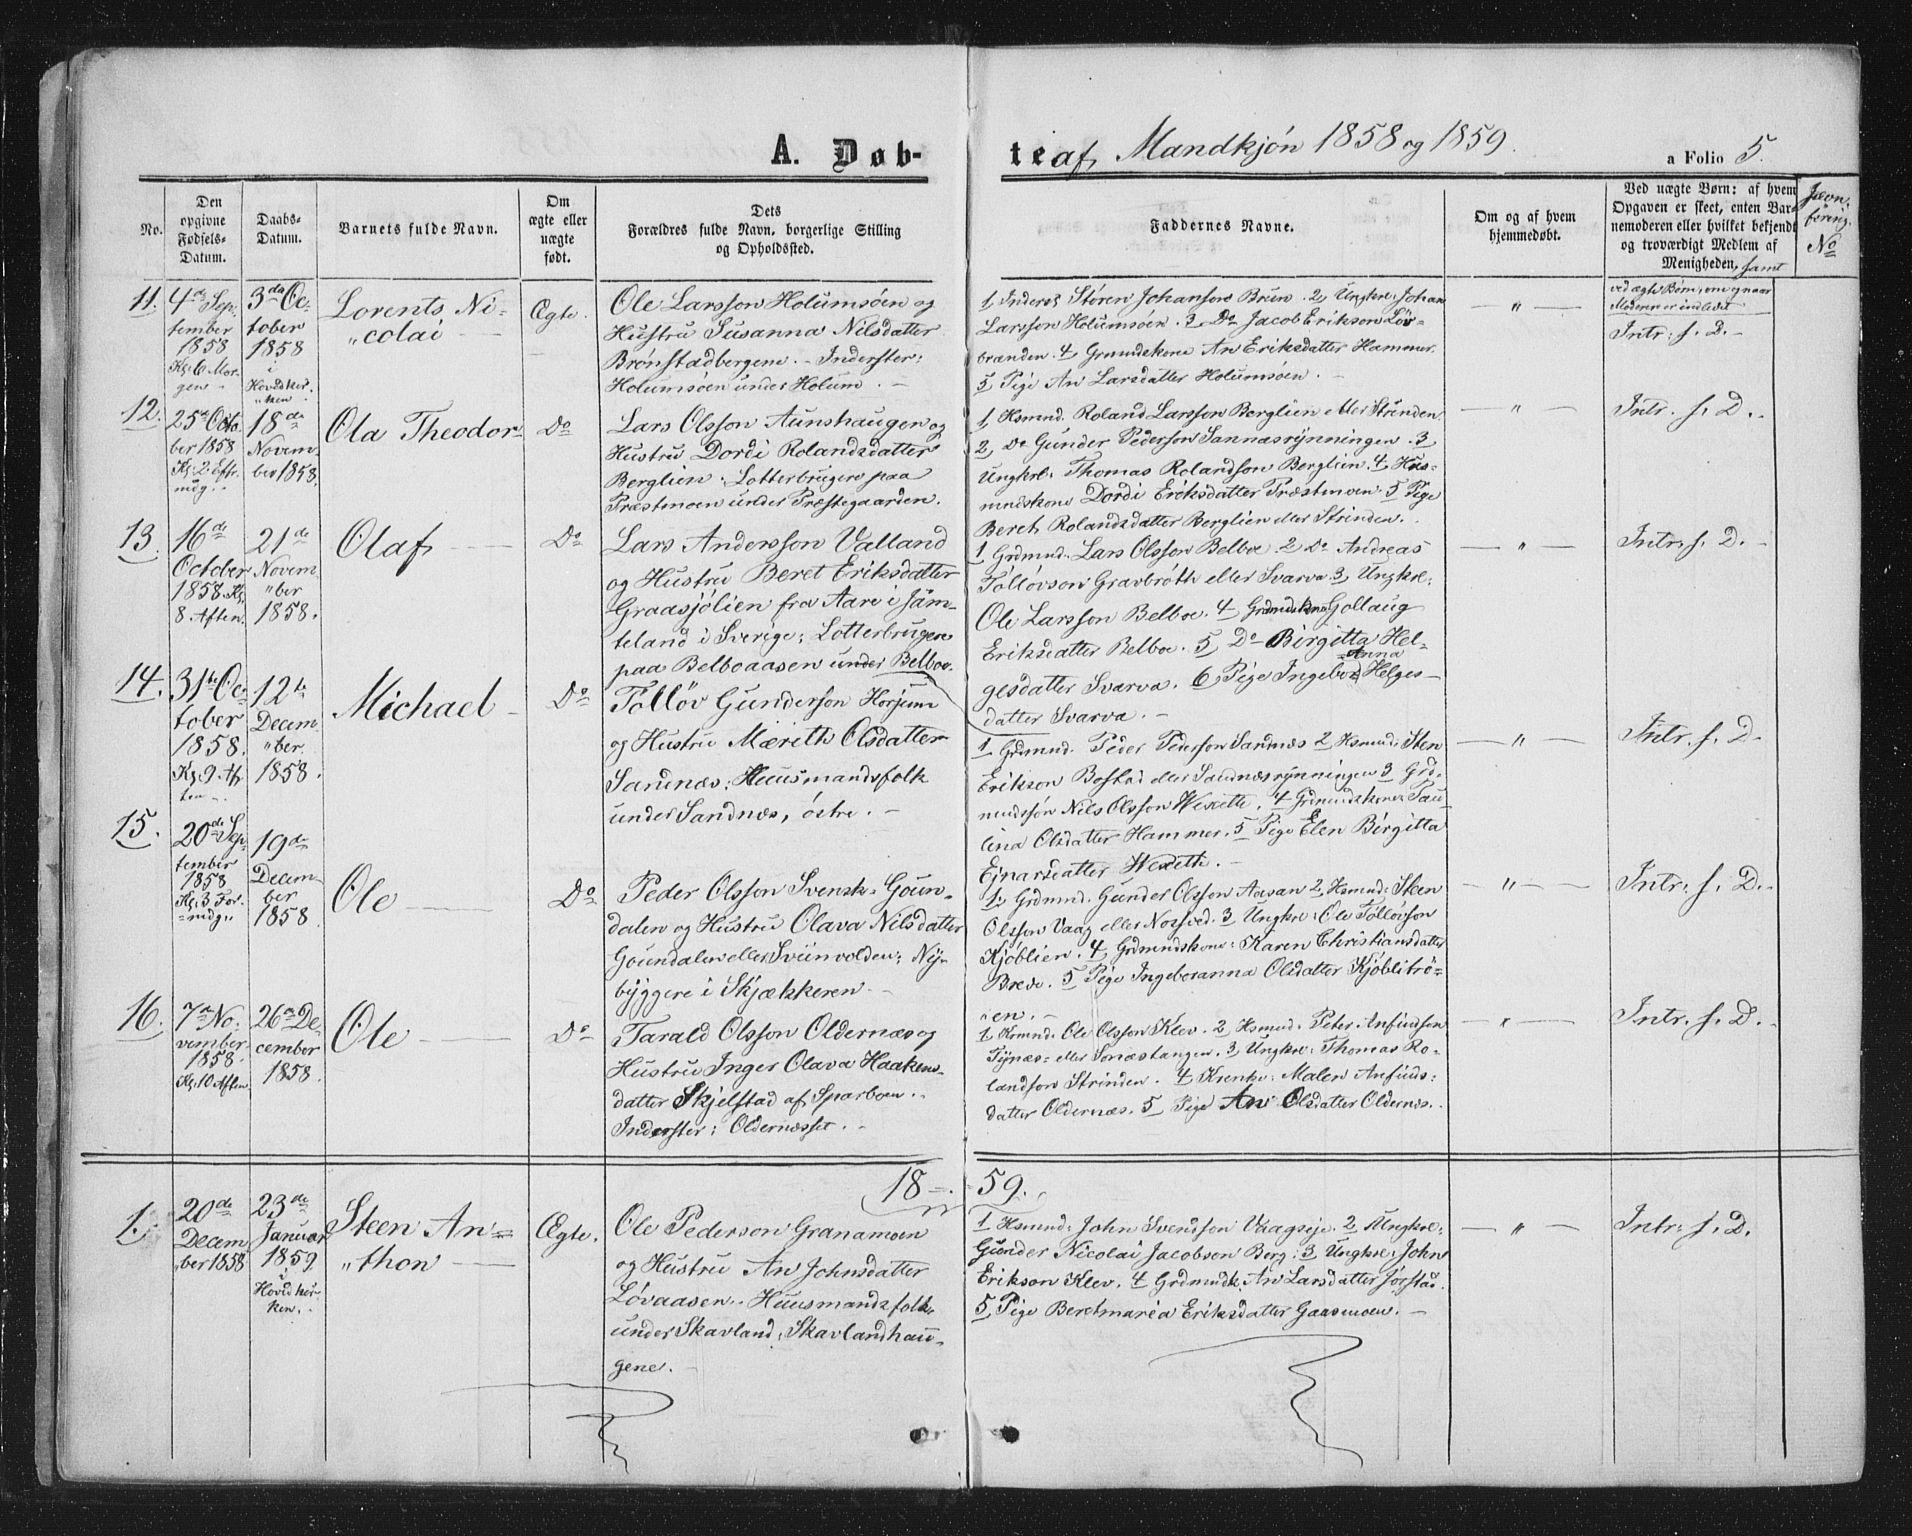 SAT, Ministerialprotokoller, klokkerbøker og fødselsregistre - Nord-Trøndelag, 749/L0472: Ministerialbok nr. 749A06, 1857-1873, s. 5